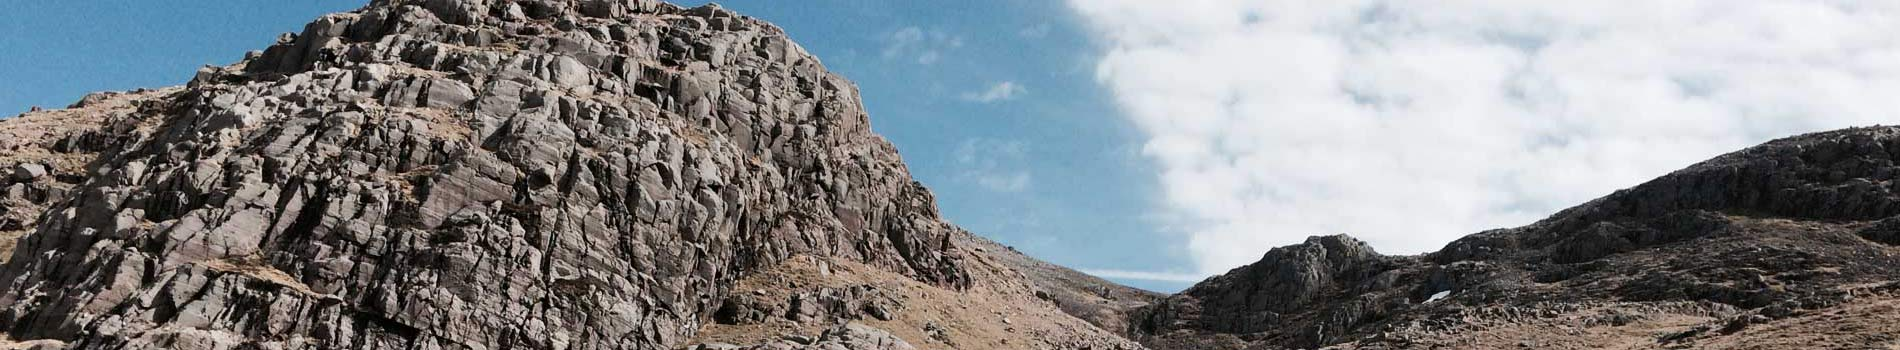 Mountain crags blue sky